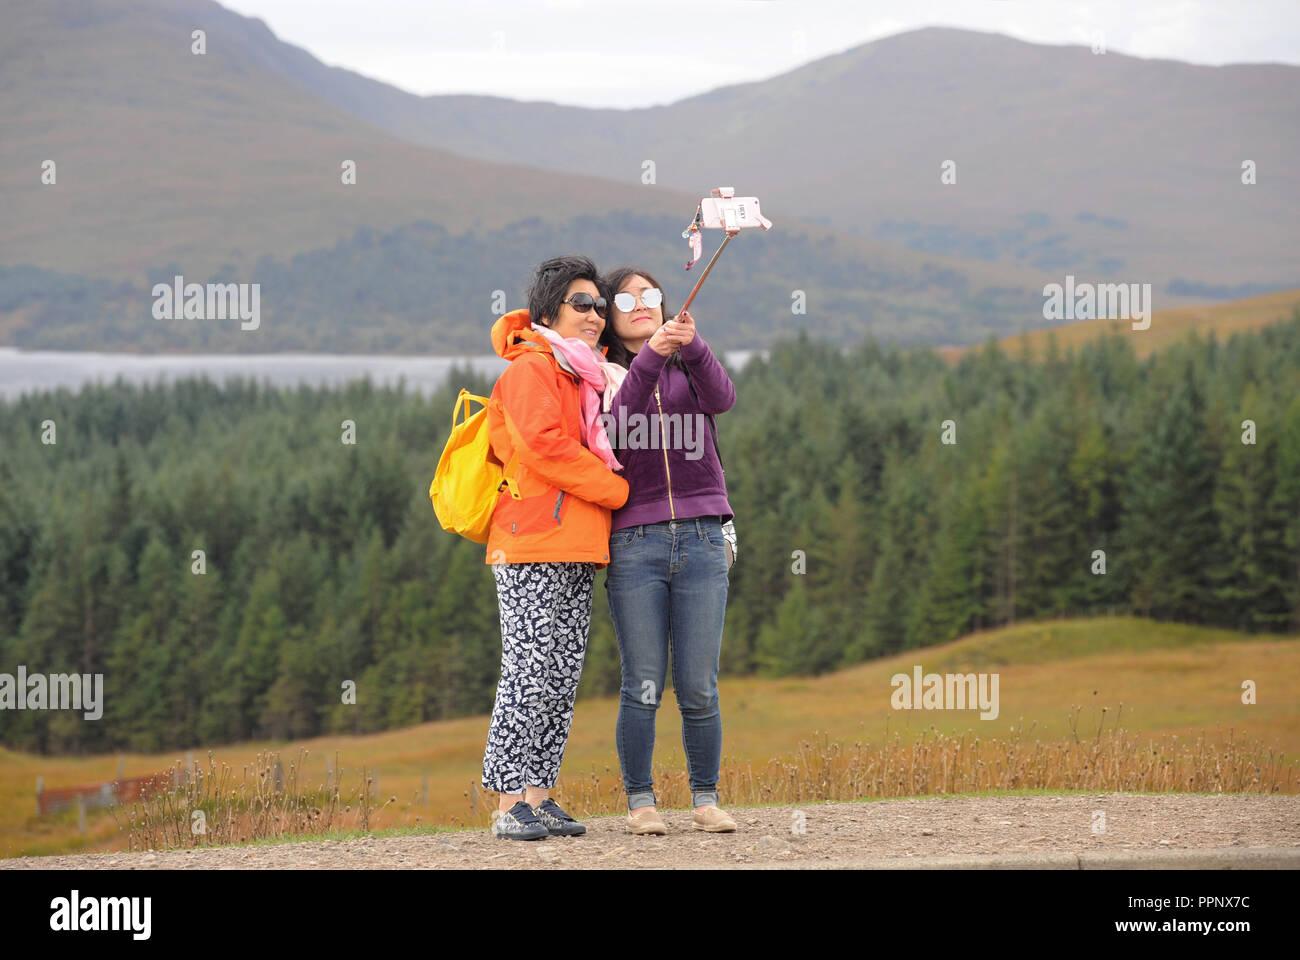 Japanische Touristen unter SELFIE Fotografien in den schottischen Highlands RE TOURISMUS REISEBUS REISEN URLAUB Aussichtspunkt einen herrlichen Blick GROSSBRITANNIEN Stockbild